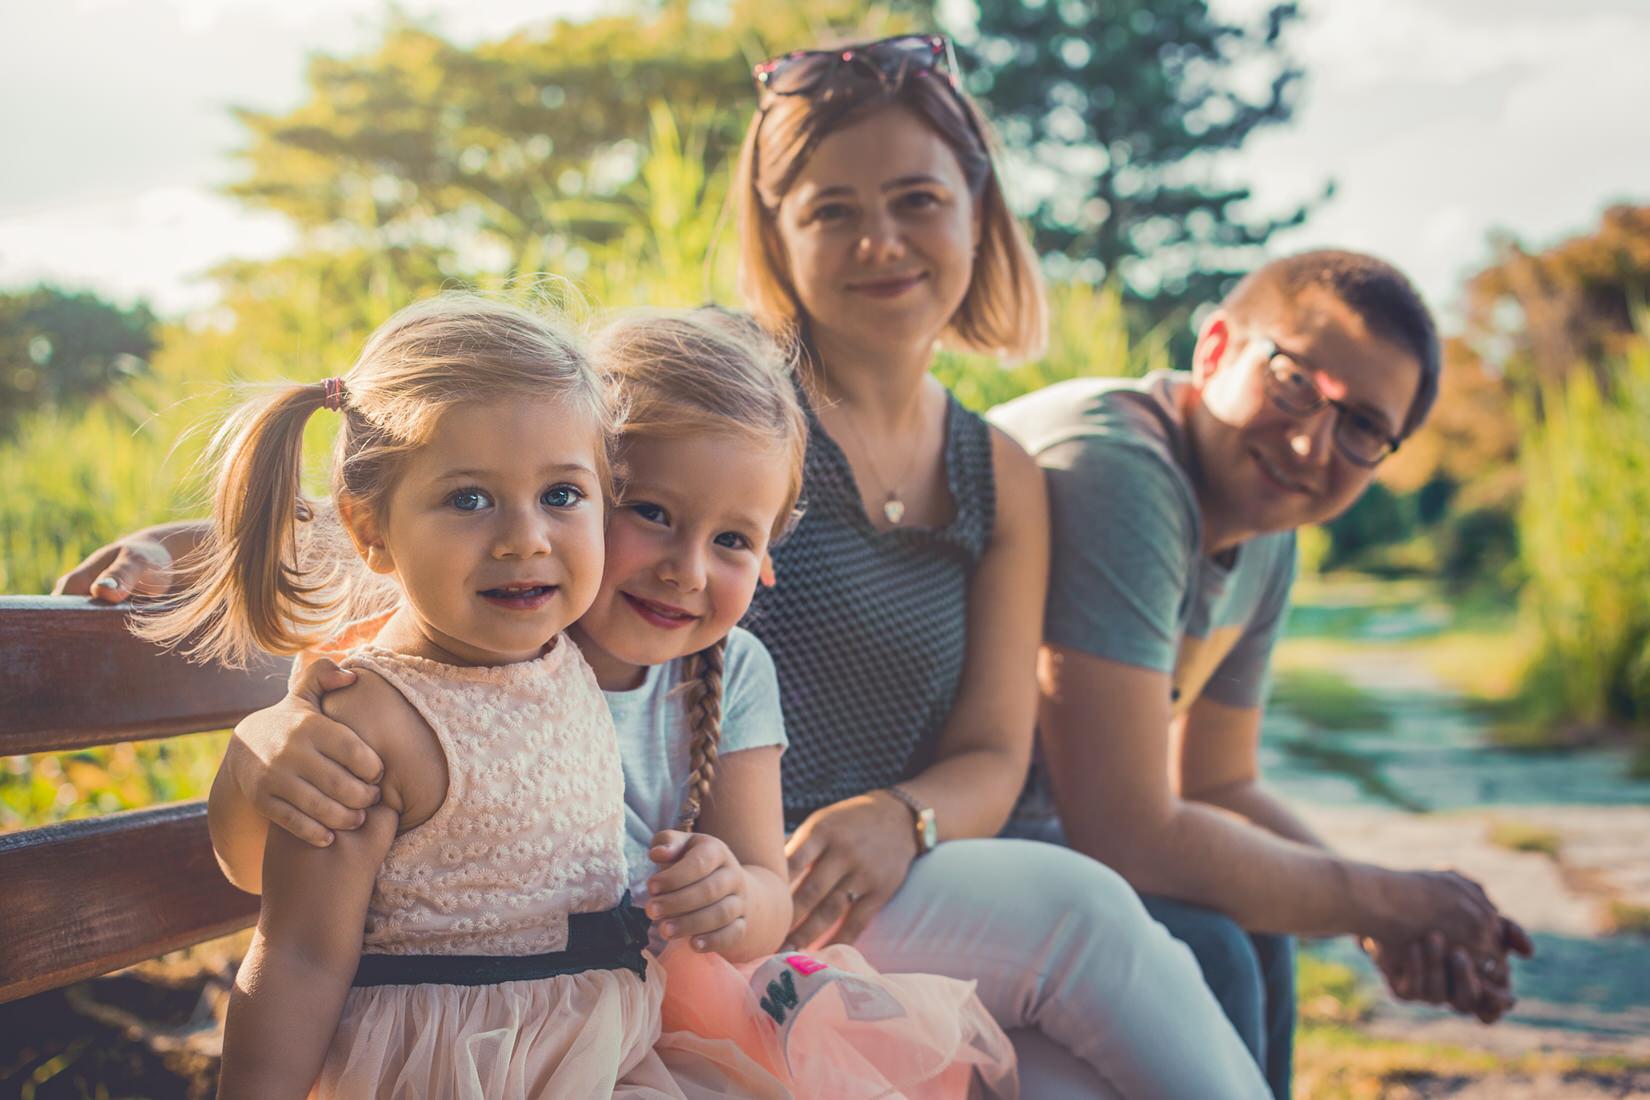 fotograf rodzinny tanio dobry